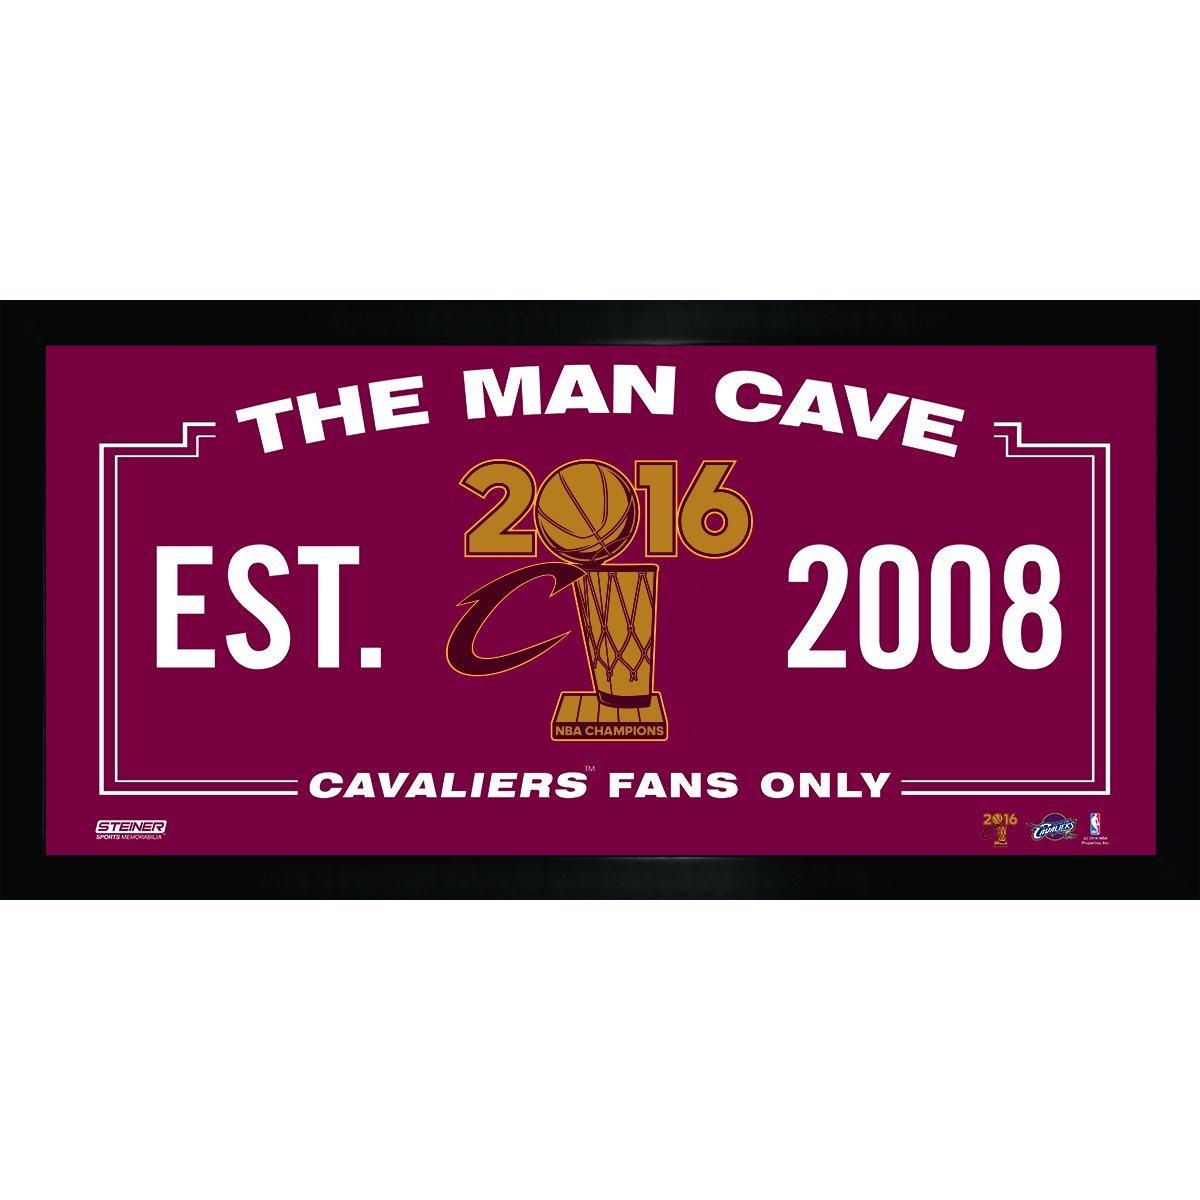 Steiner Sports NBA Cleveland Cavaliers Unisex 2016 NBA Champion Cleveland Cavaliers 10x20 Man Cave (Champs Logo), Navy